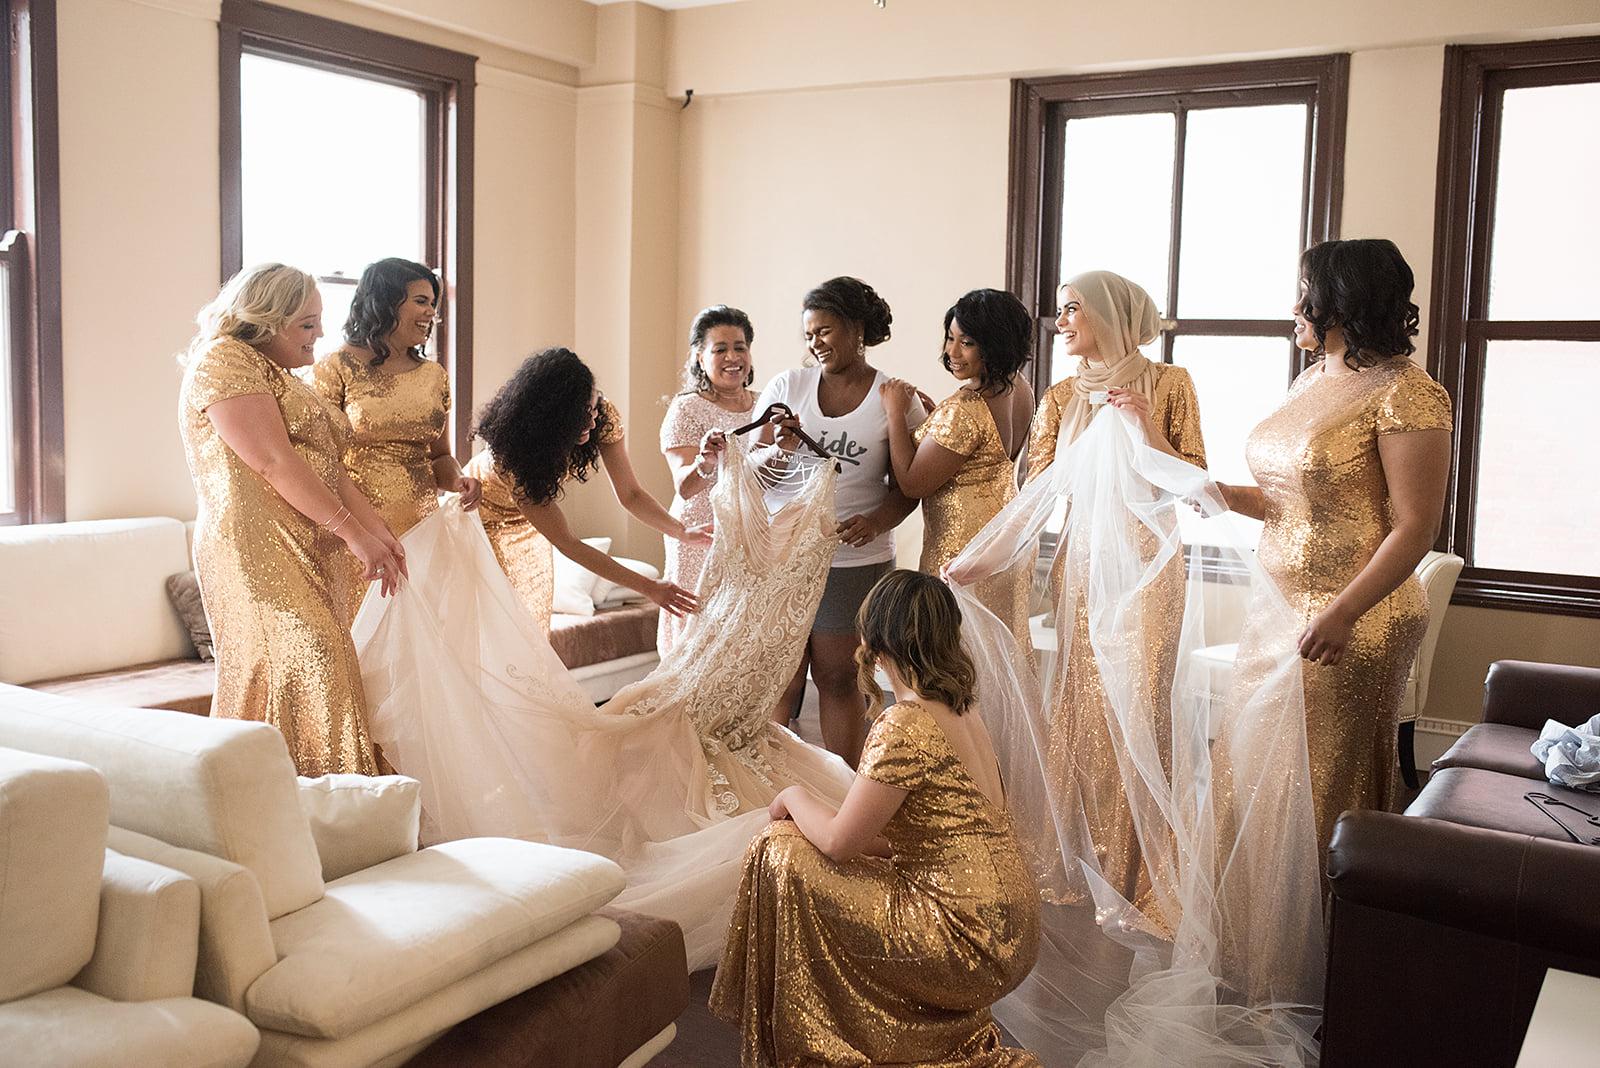 Bride & Bridesmaids Getting Ready